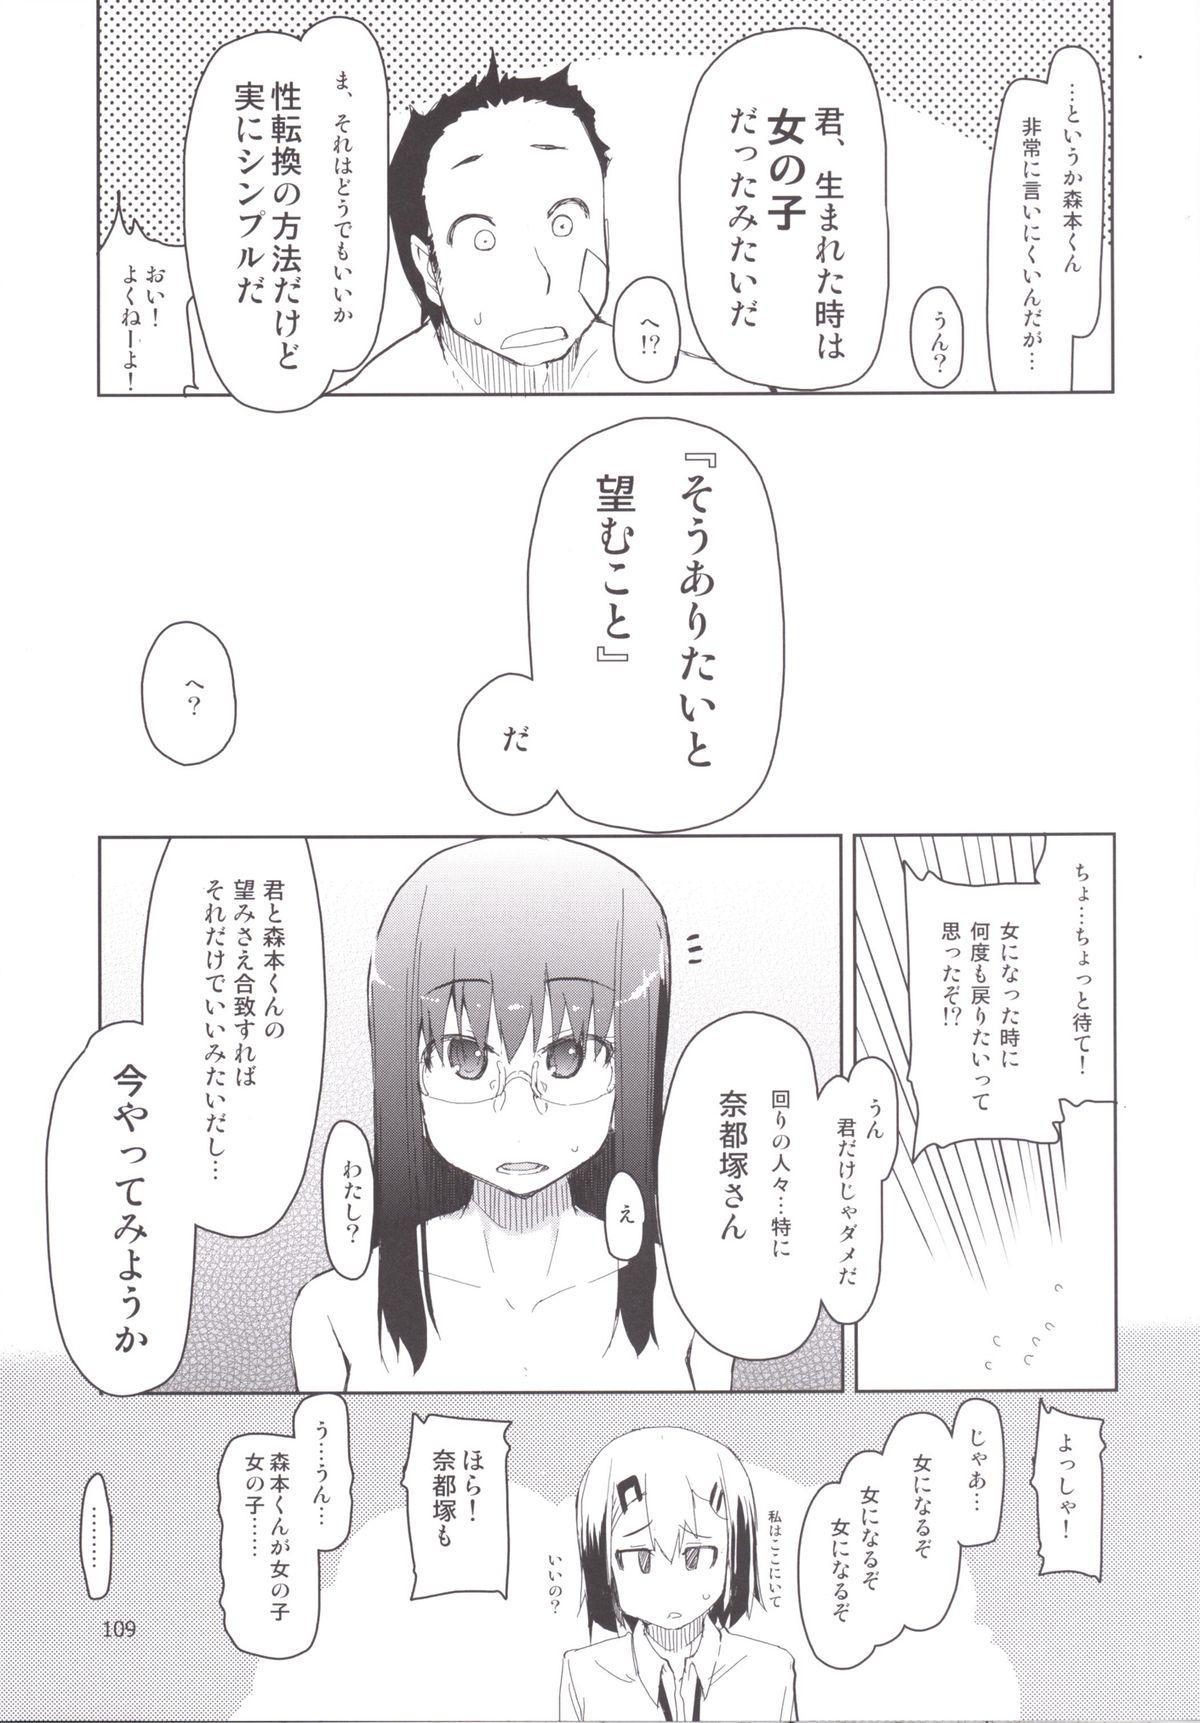 Natsuzuka-san no Himitsu. Soushuuhen Kouhen 13